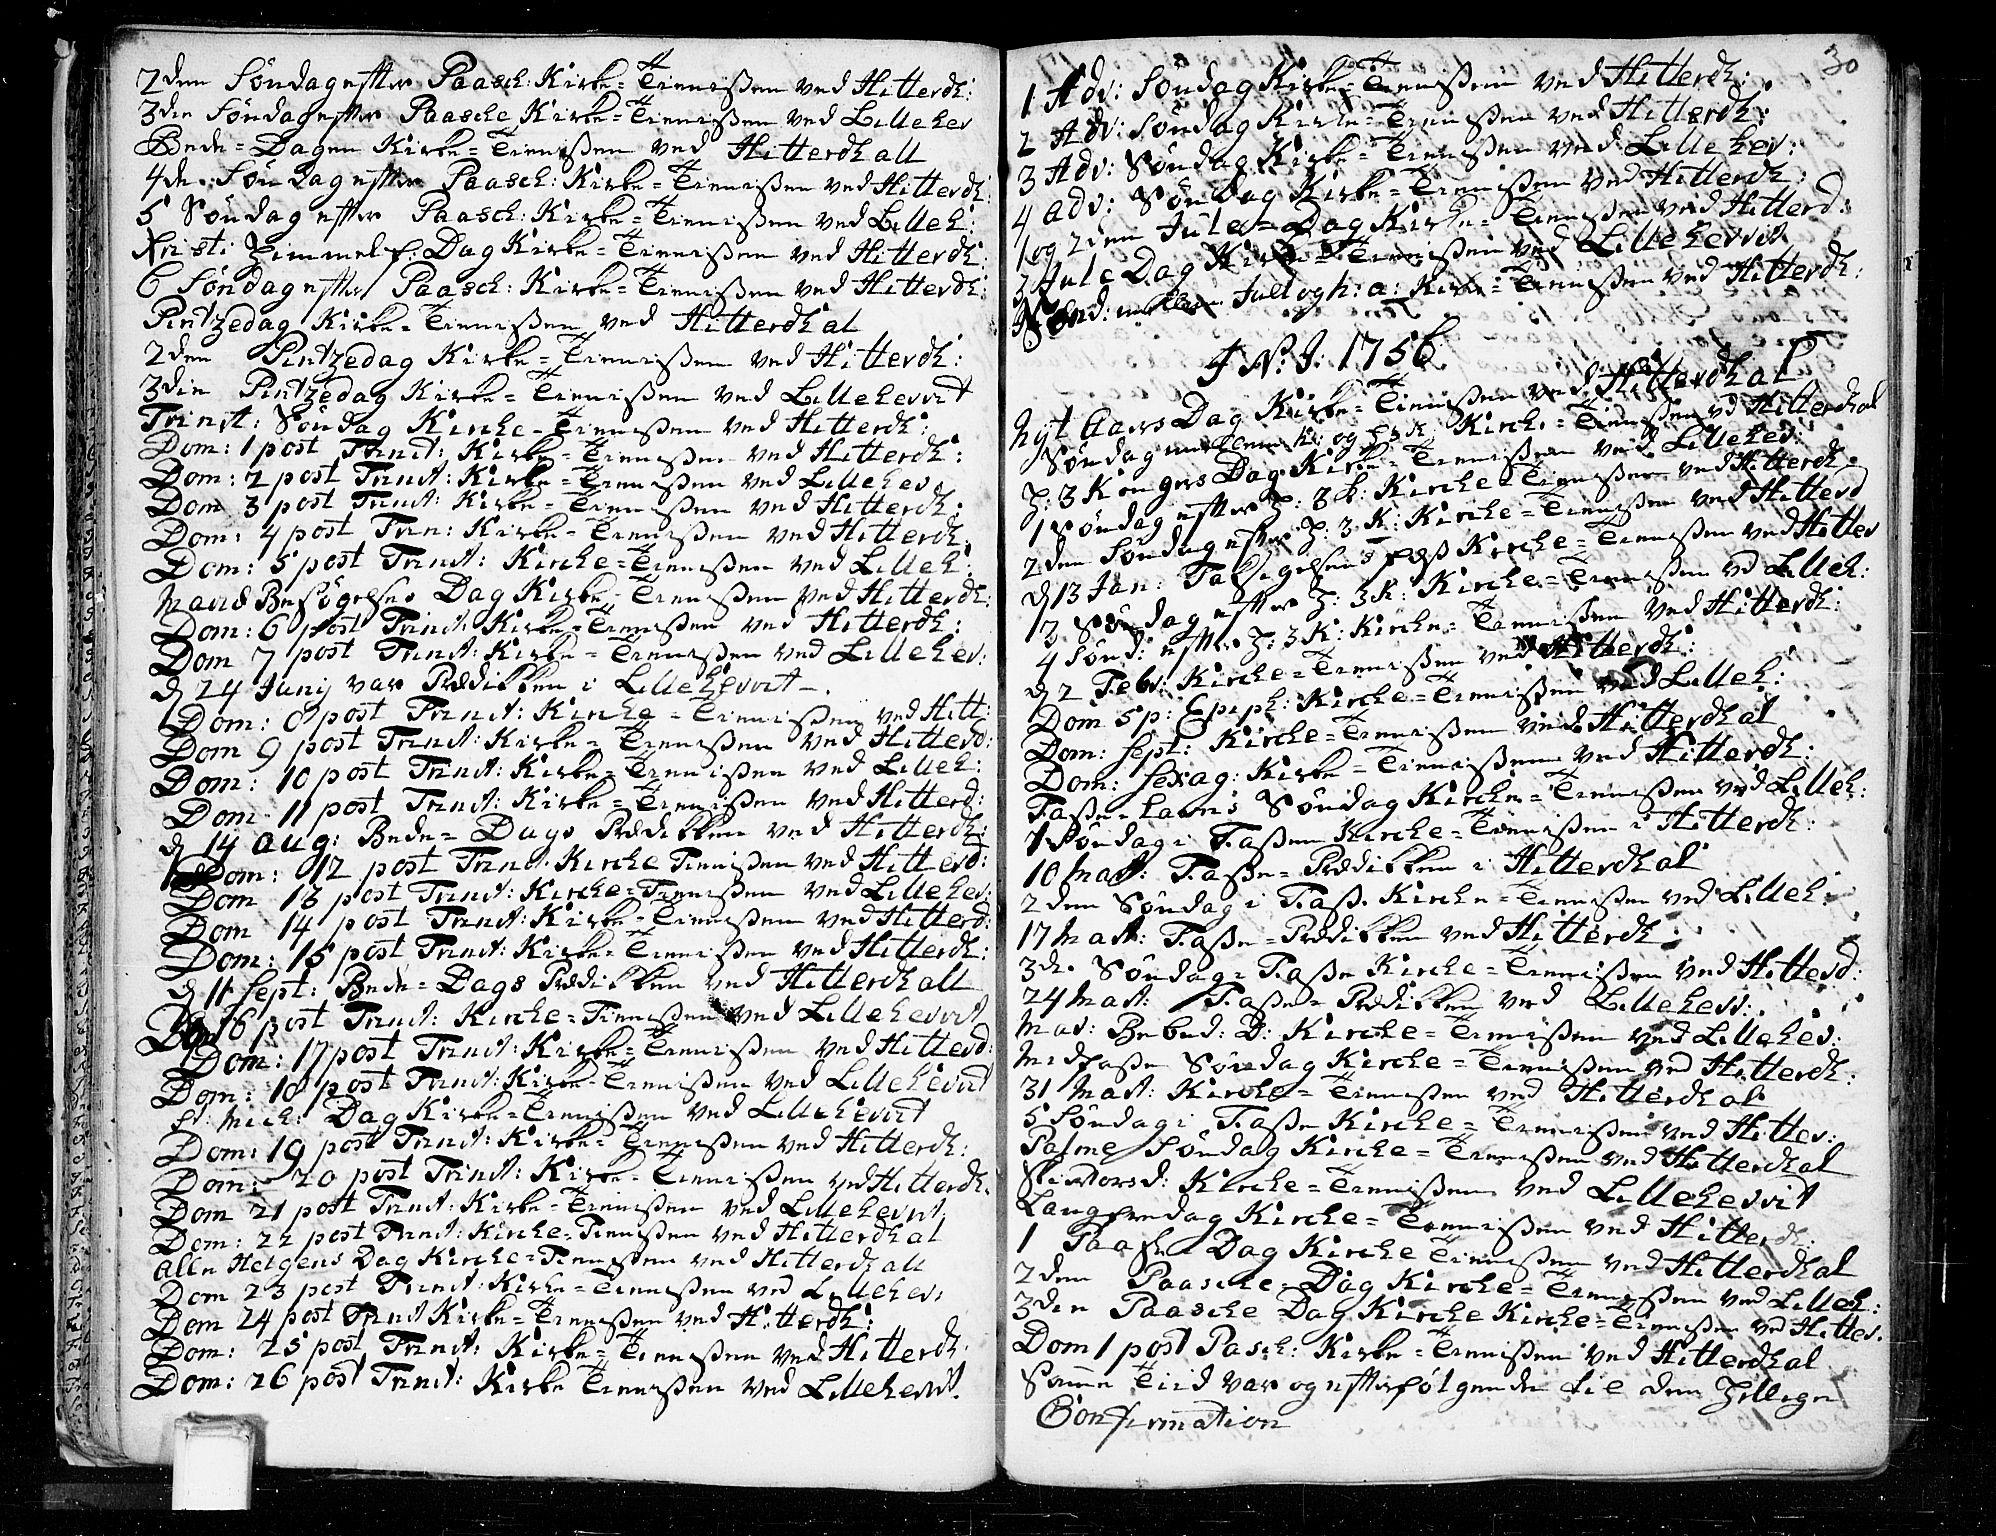 SAKO, Heddal kirkebøker, F/Fa/L0003: Ministerialbok nr. I 3, 1723-1783, s. 30